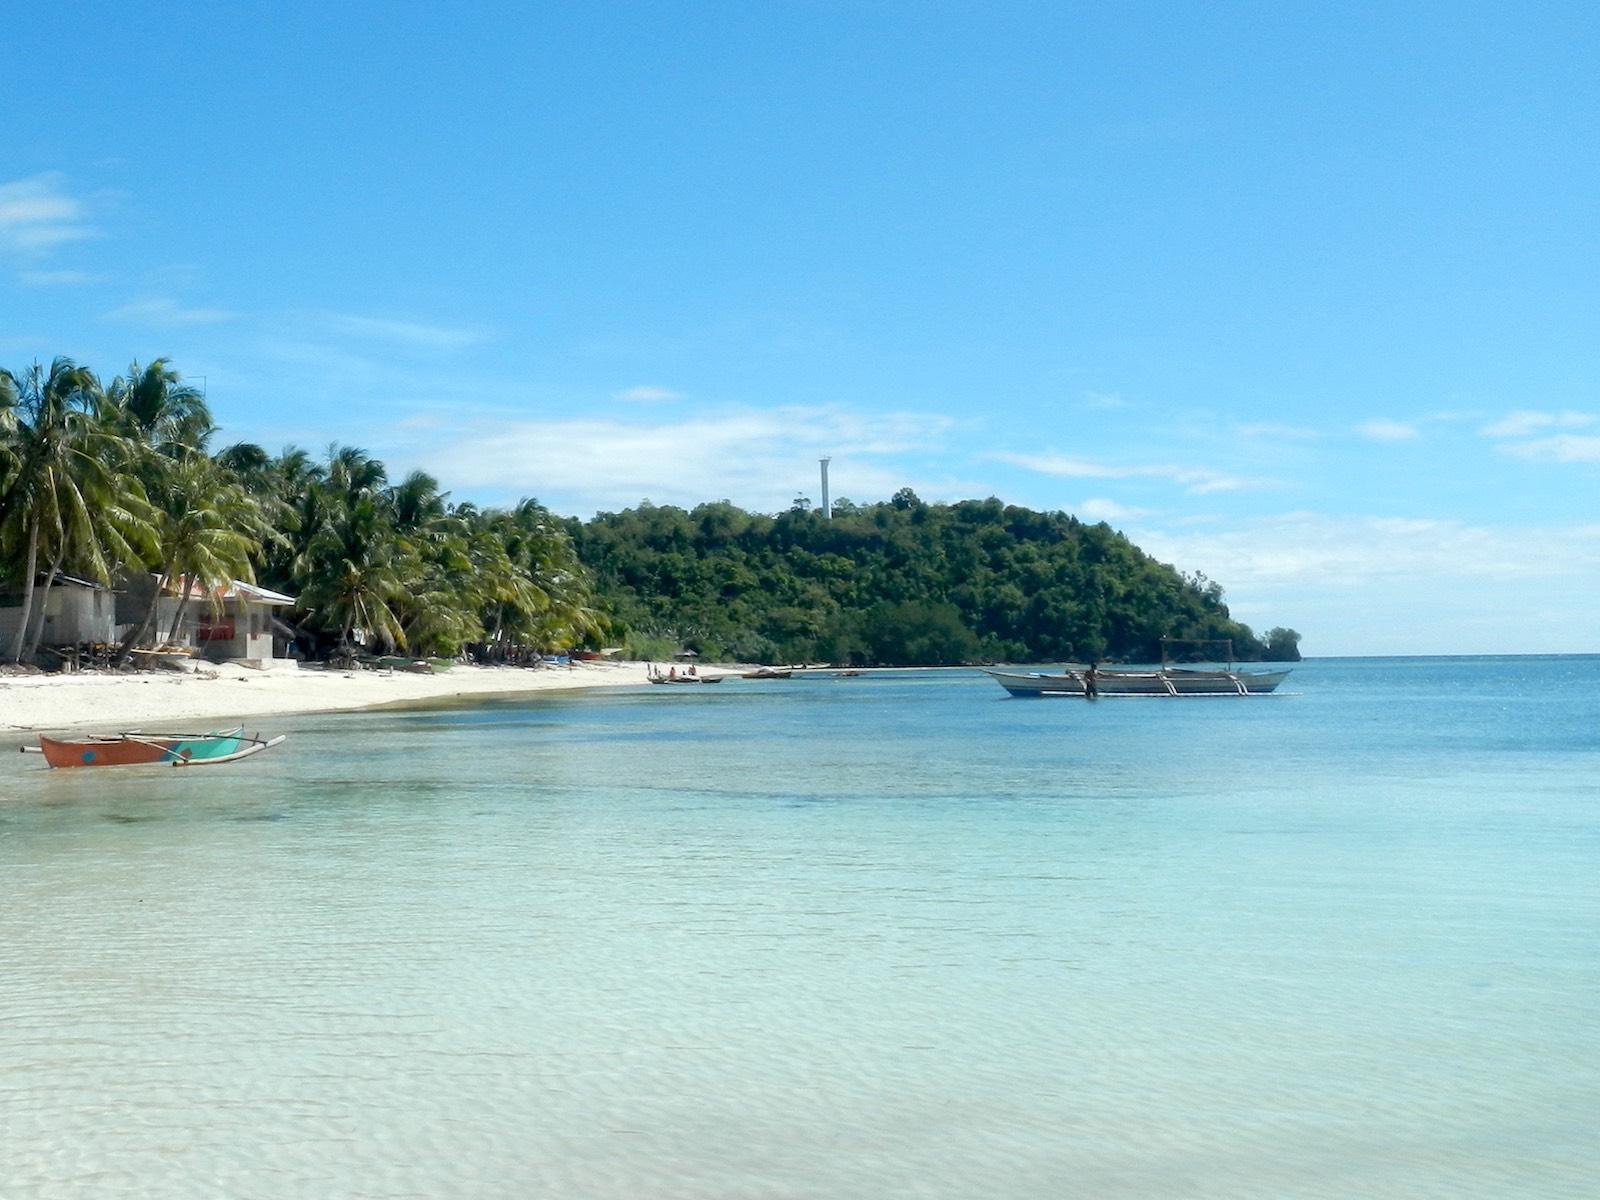 Favoriet van de filipijnen siquijor eiland - In het midden eiland grootte ...